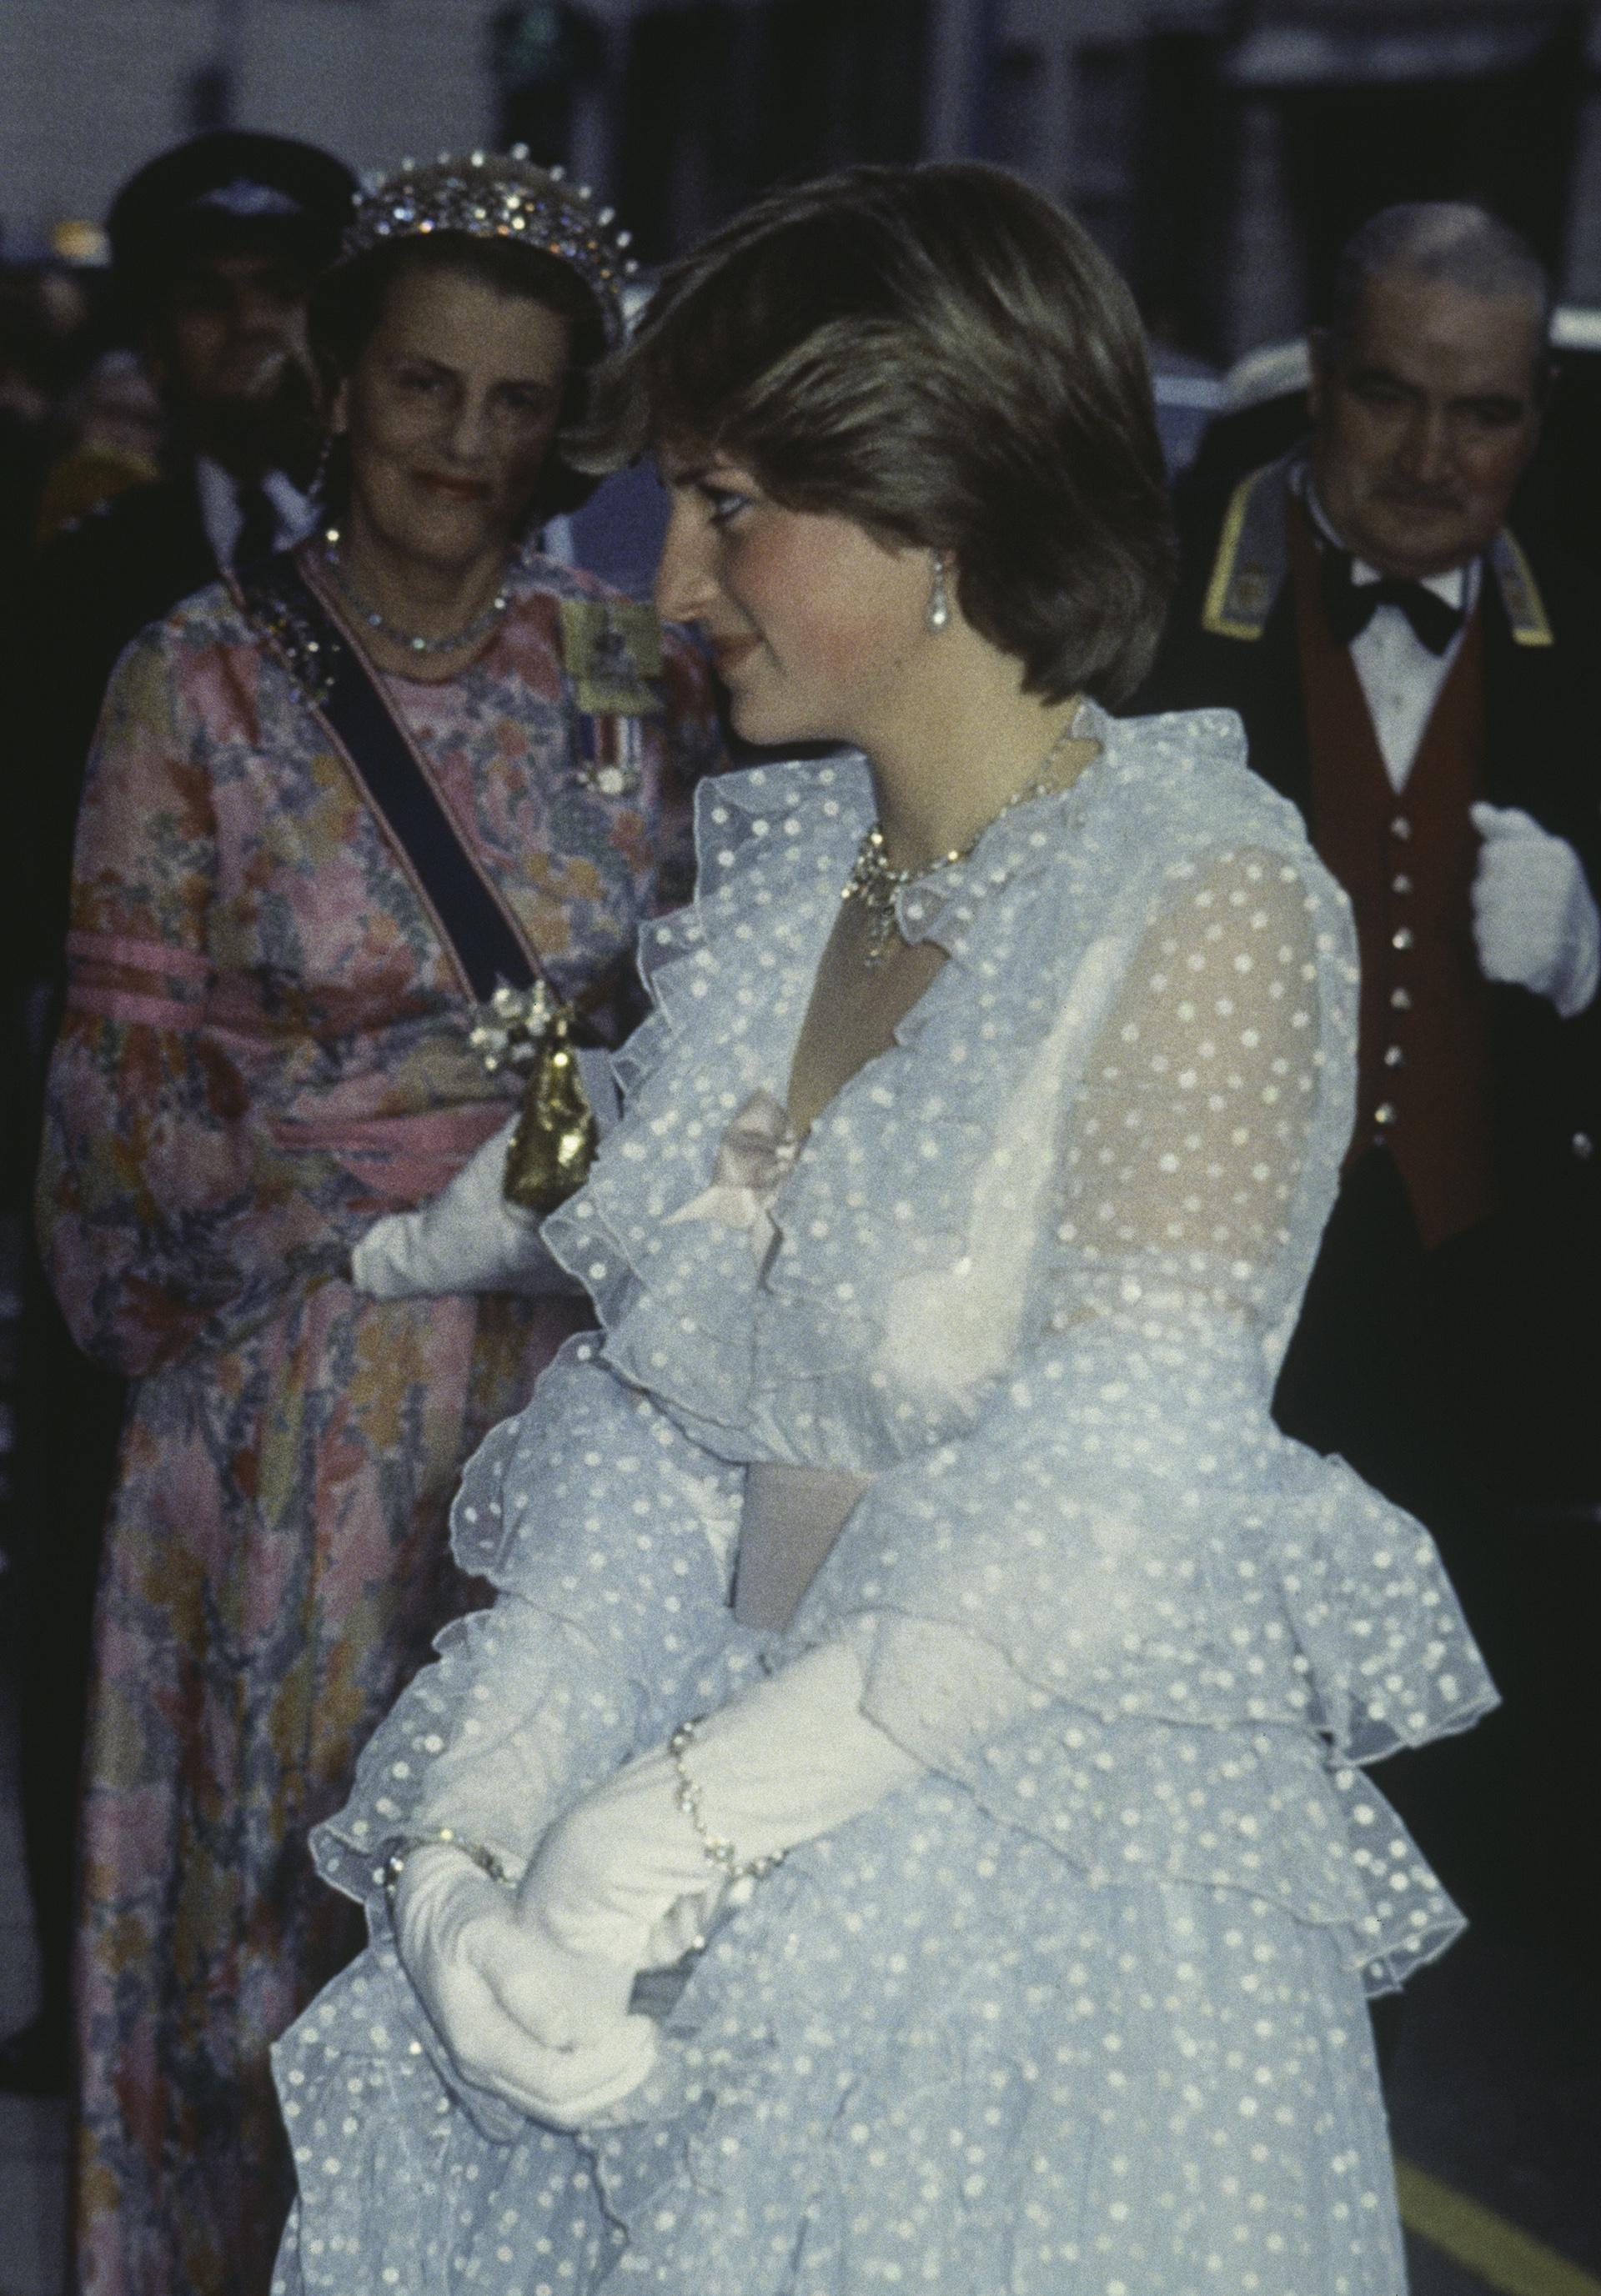 Blanco y a lunares con guantes al codo, Lady Diana Spencer en el banquete en honor al rey Halid de Arabia Saudita en 1981 (Photo by Keystone/Hulton Archive/Getty Images)